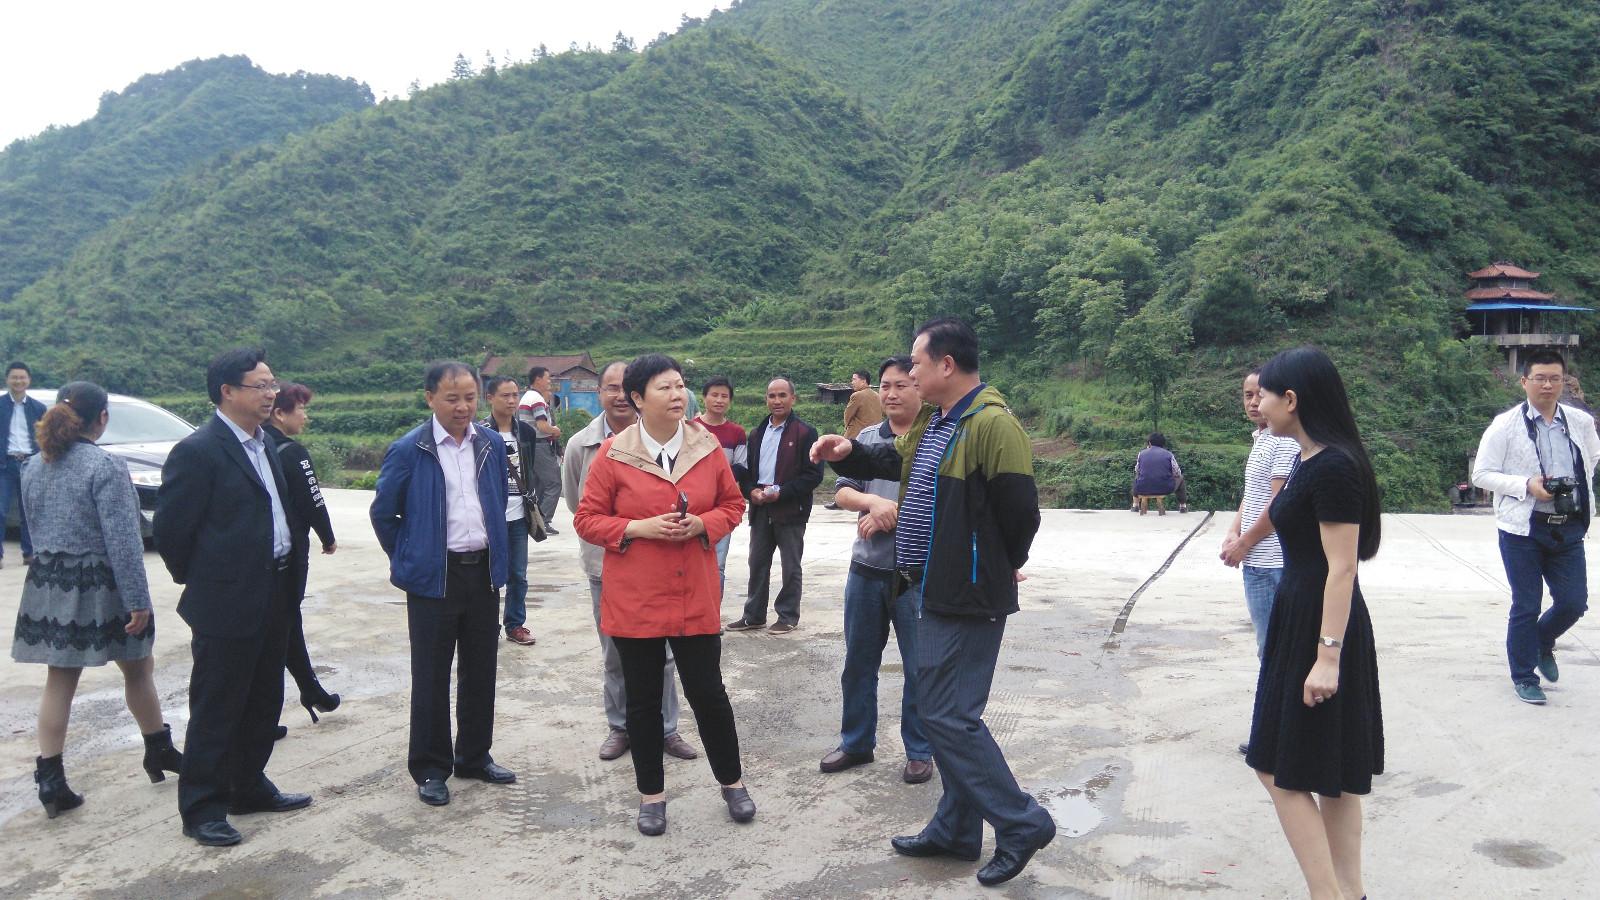 国家宗教局就贵州省民间信仰工作进行调研